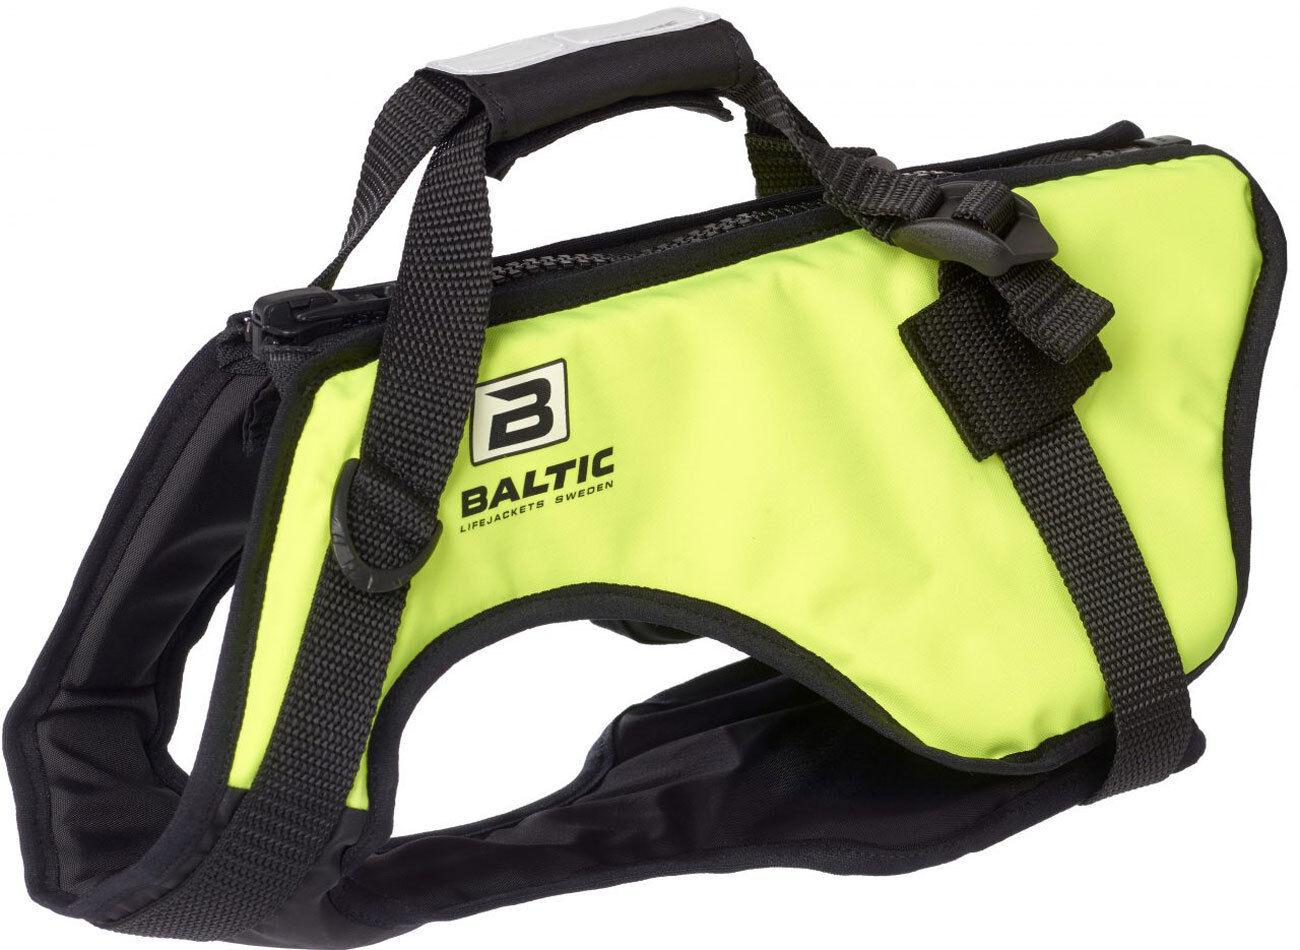 Baltic Hunde Hunde Hunde Rettungsweste Zorro gelb (Mod.0440) Reißverschluss Bauchschutz 4a994b